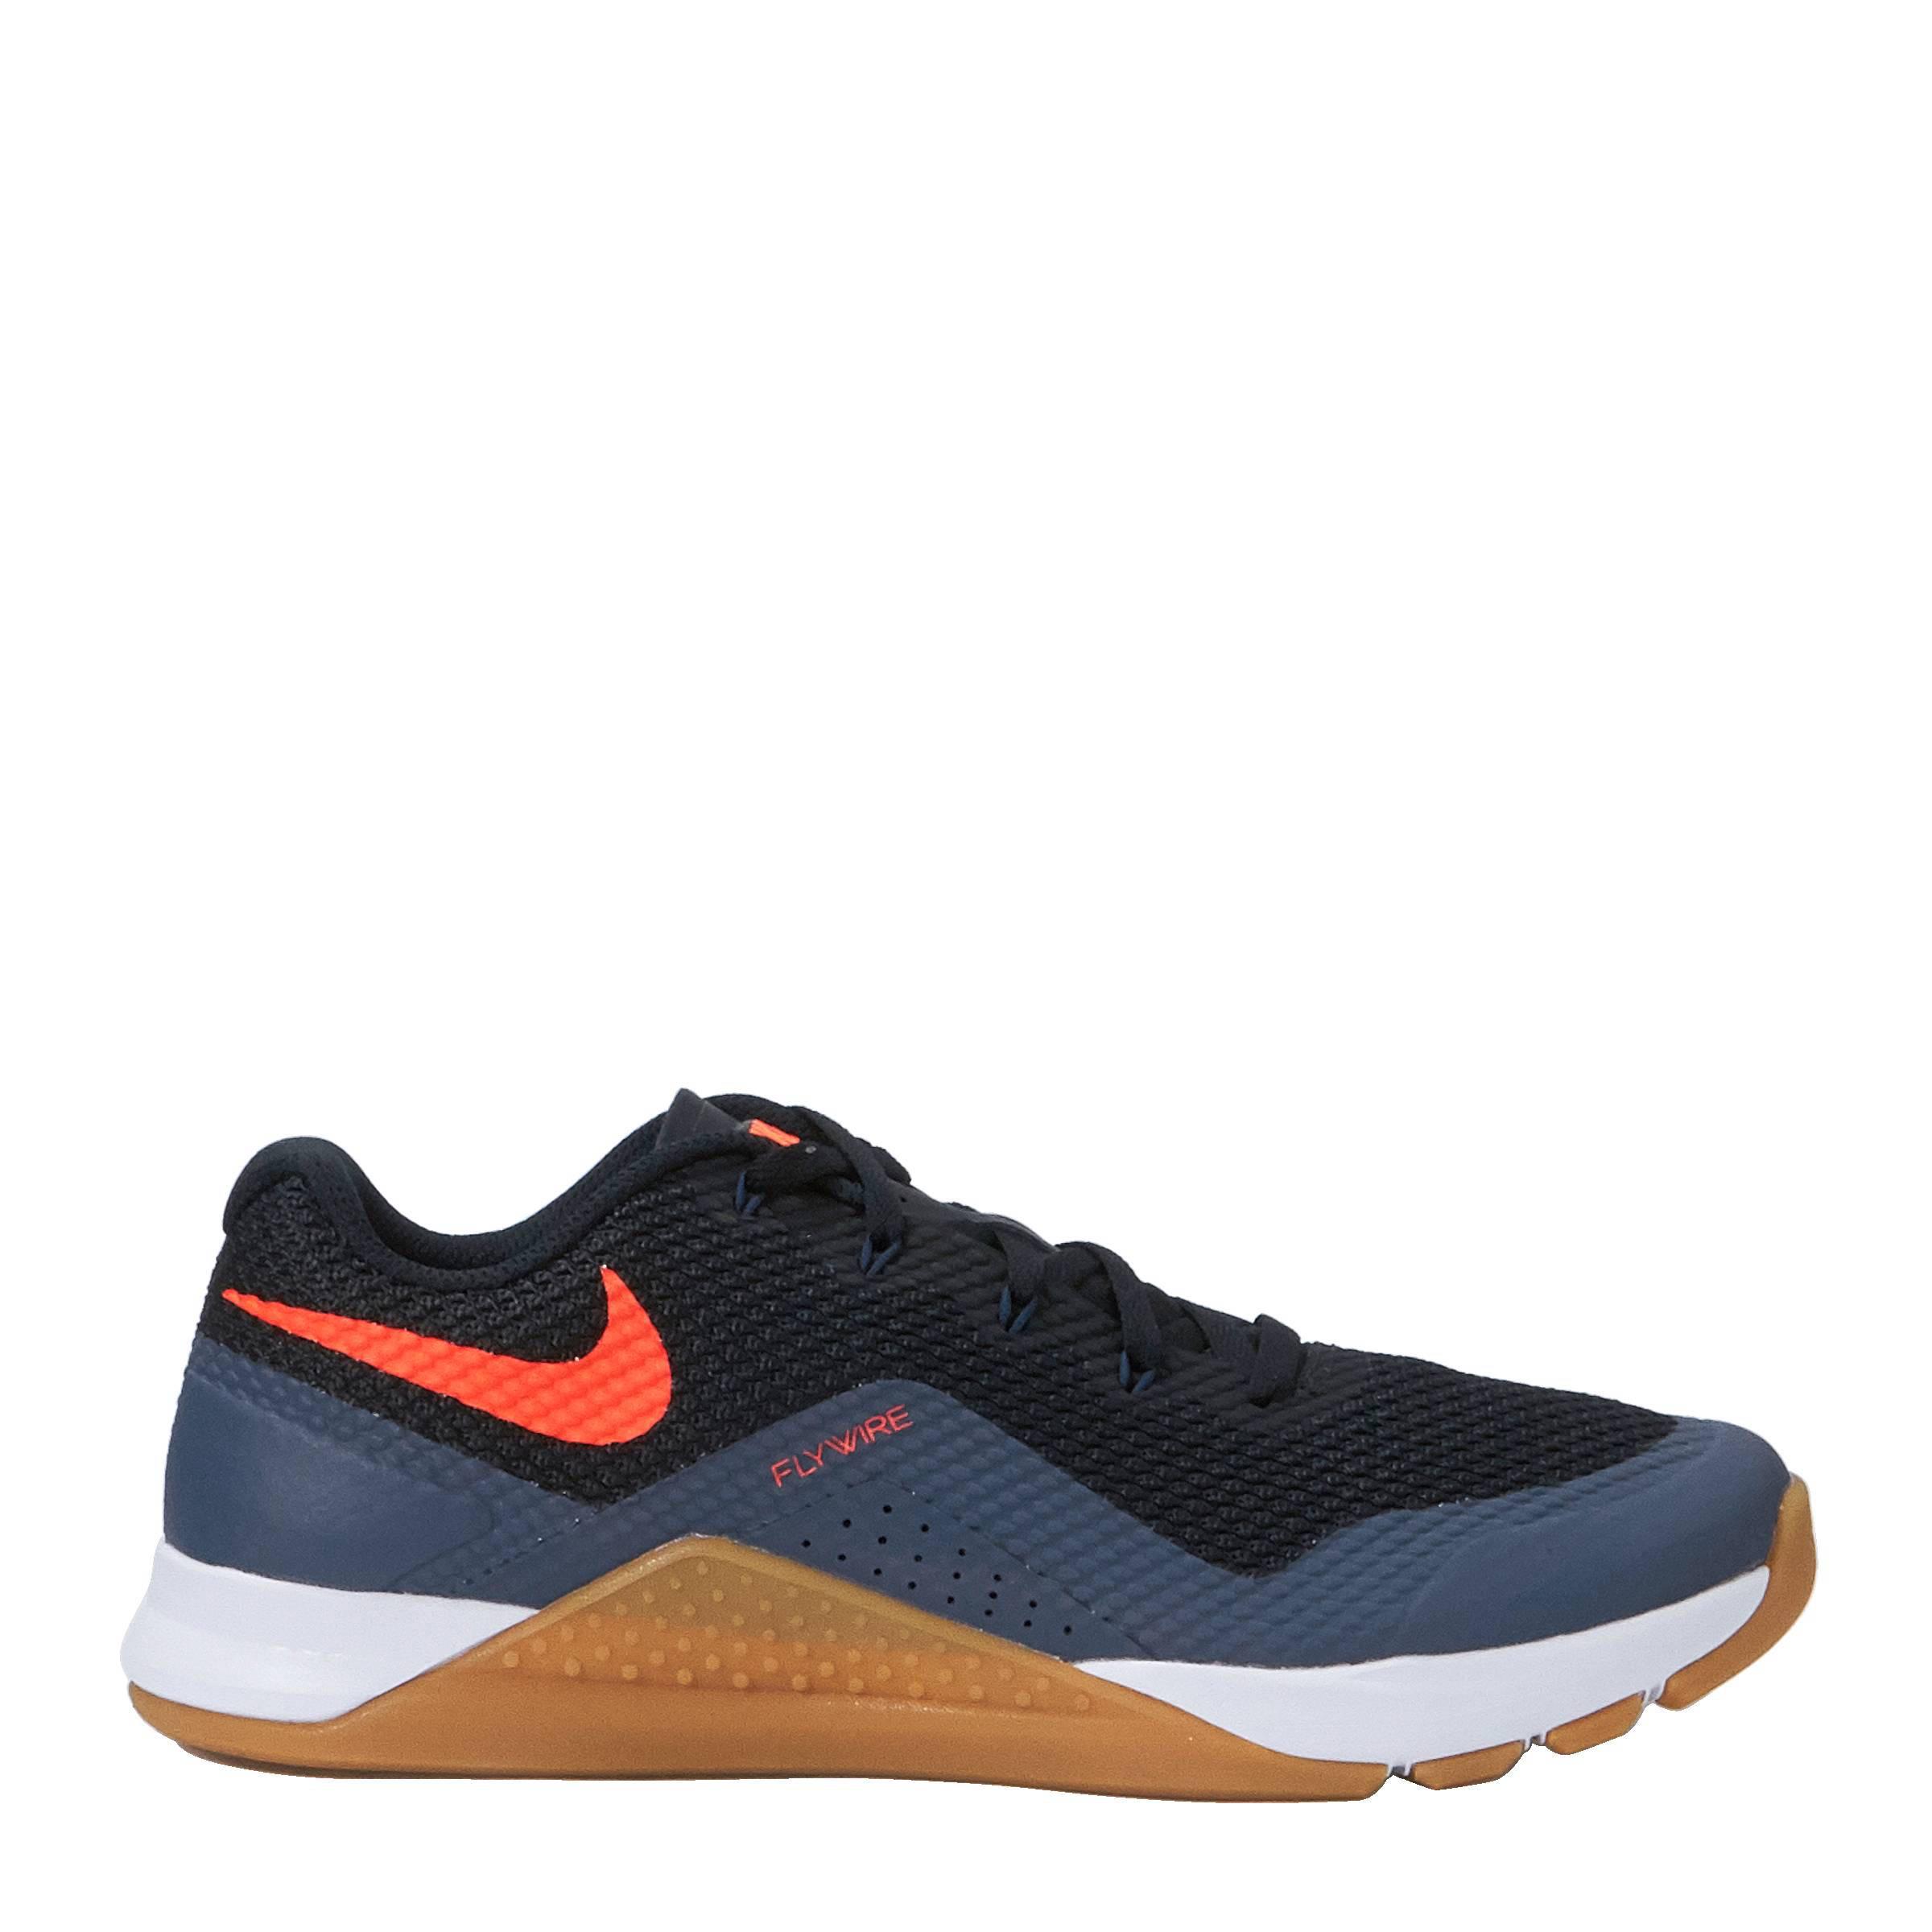 buy online 7c363 25230 Nike Metcon Repper DSX fitness schoenen  wehkamp